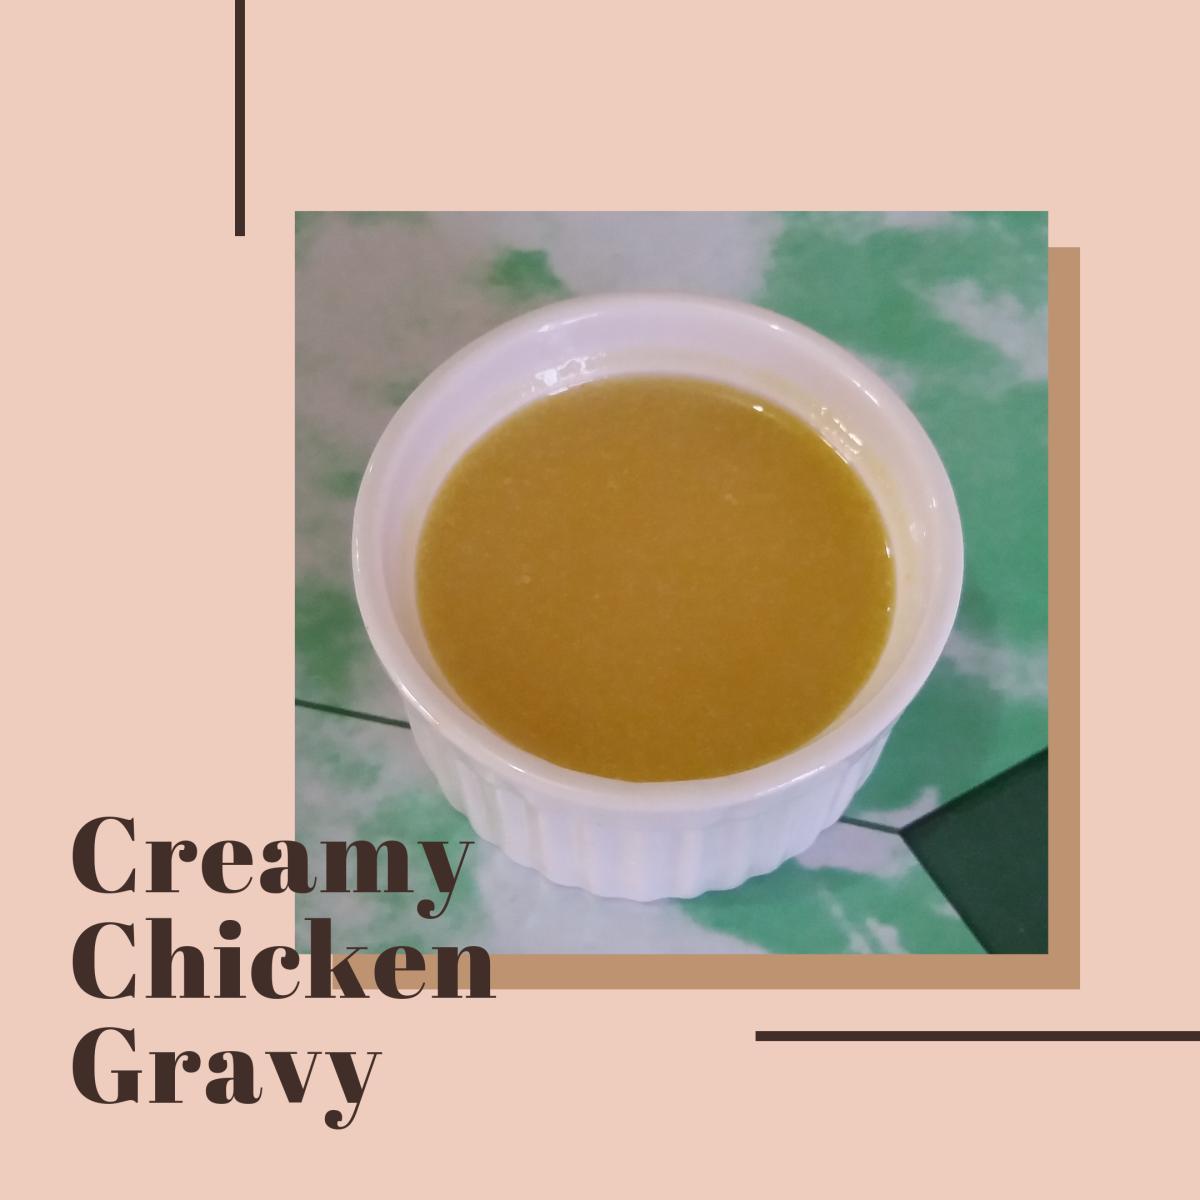 How to Make Creamy Chicken Gravy